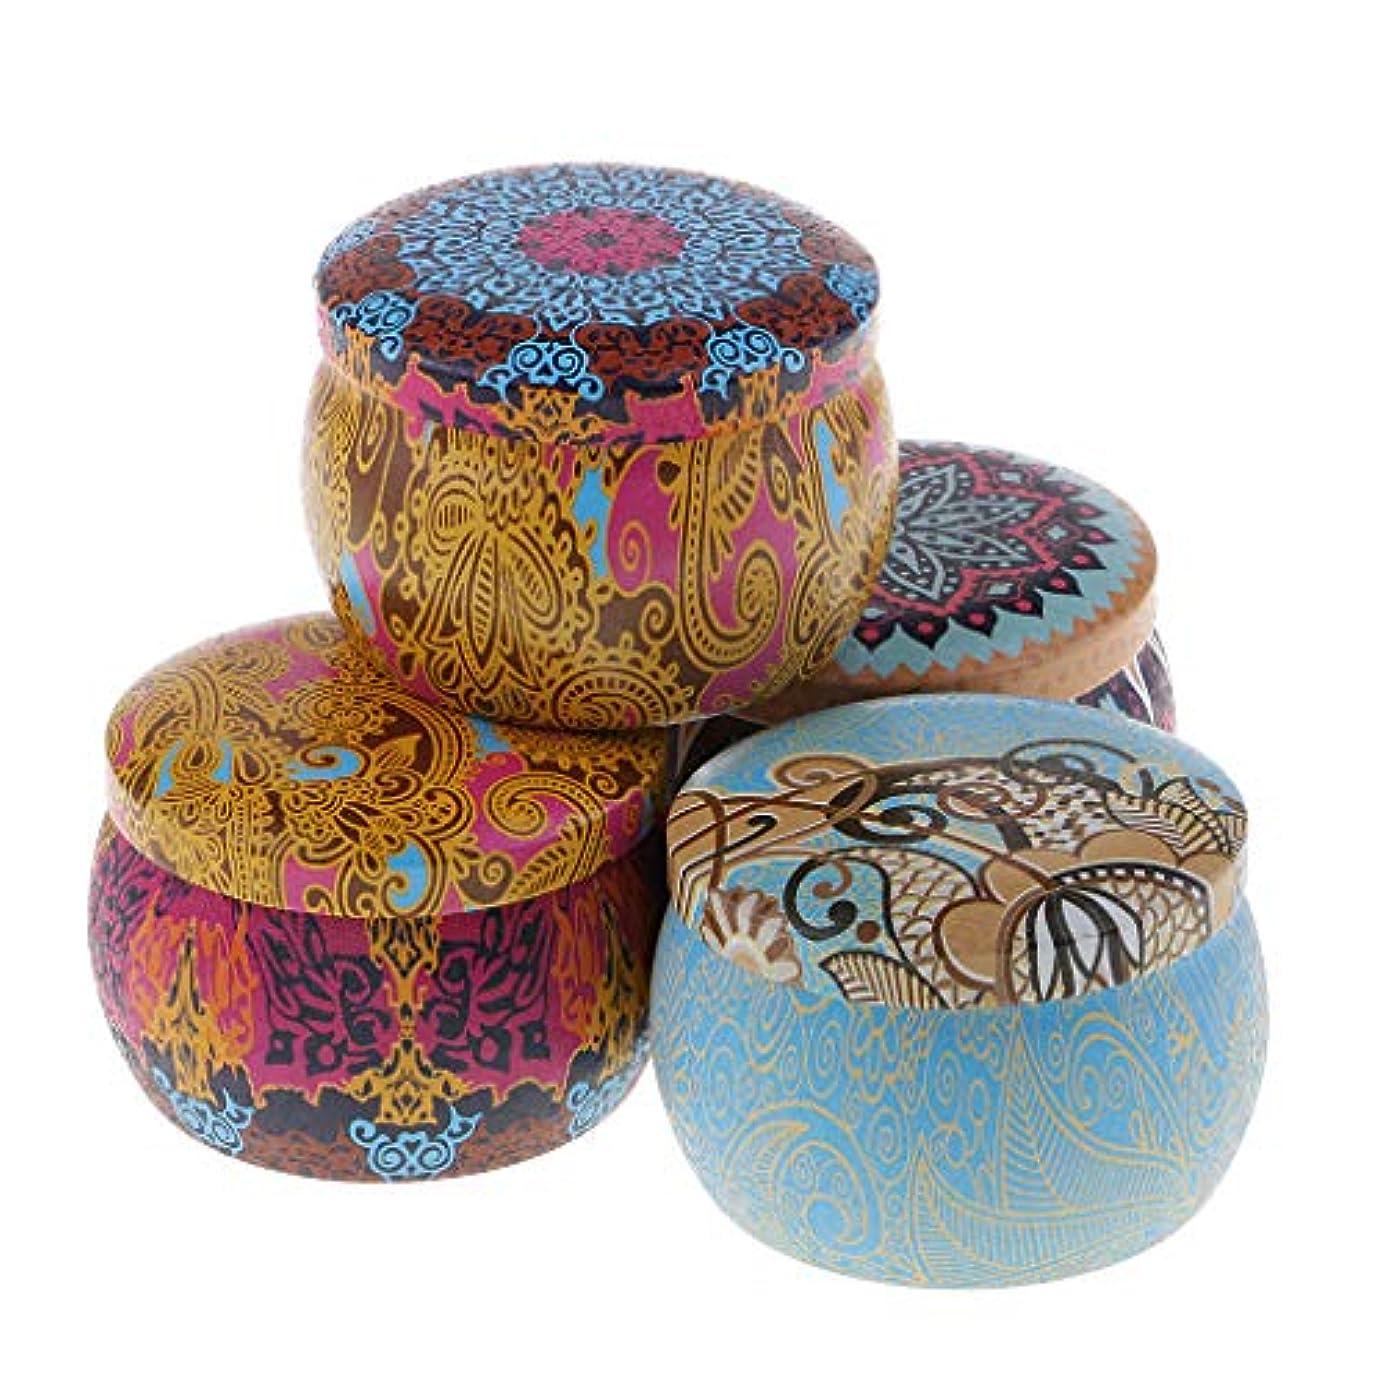 信者国内の野ウサギD DOLITY 民族風 アロマキャンドル 大豆 4個 贈り物 蝋燭 可愛い外観 癒しの灯り 135g 消臭約24時間